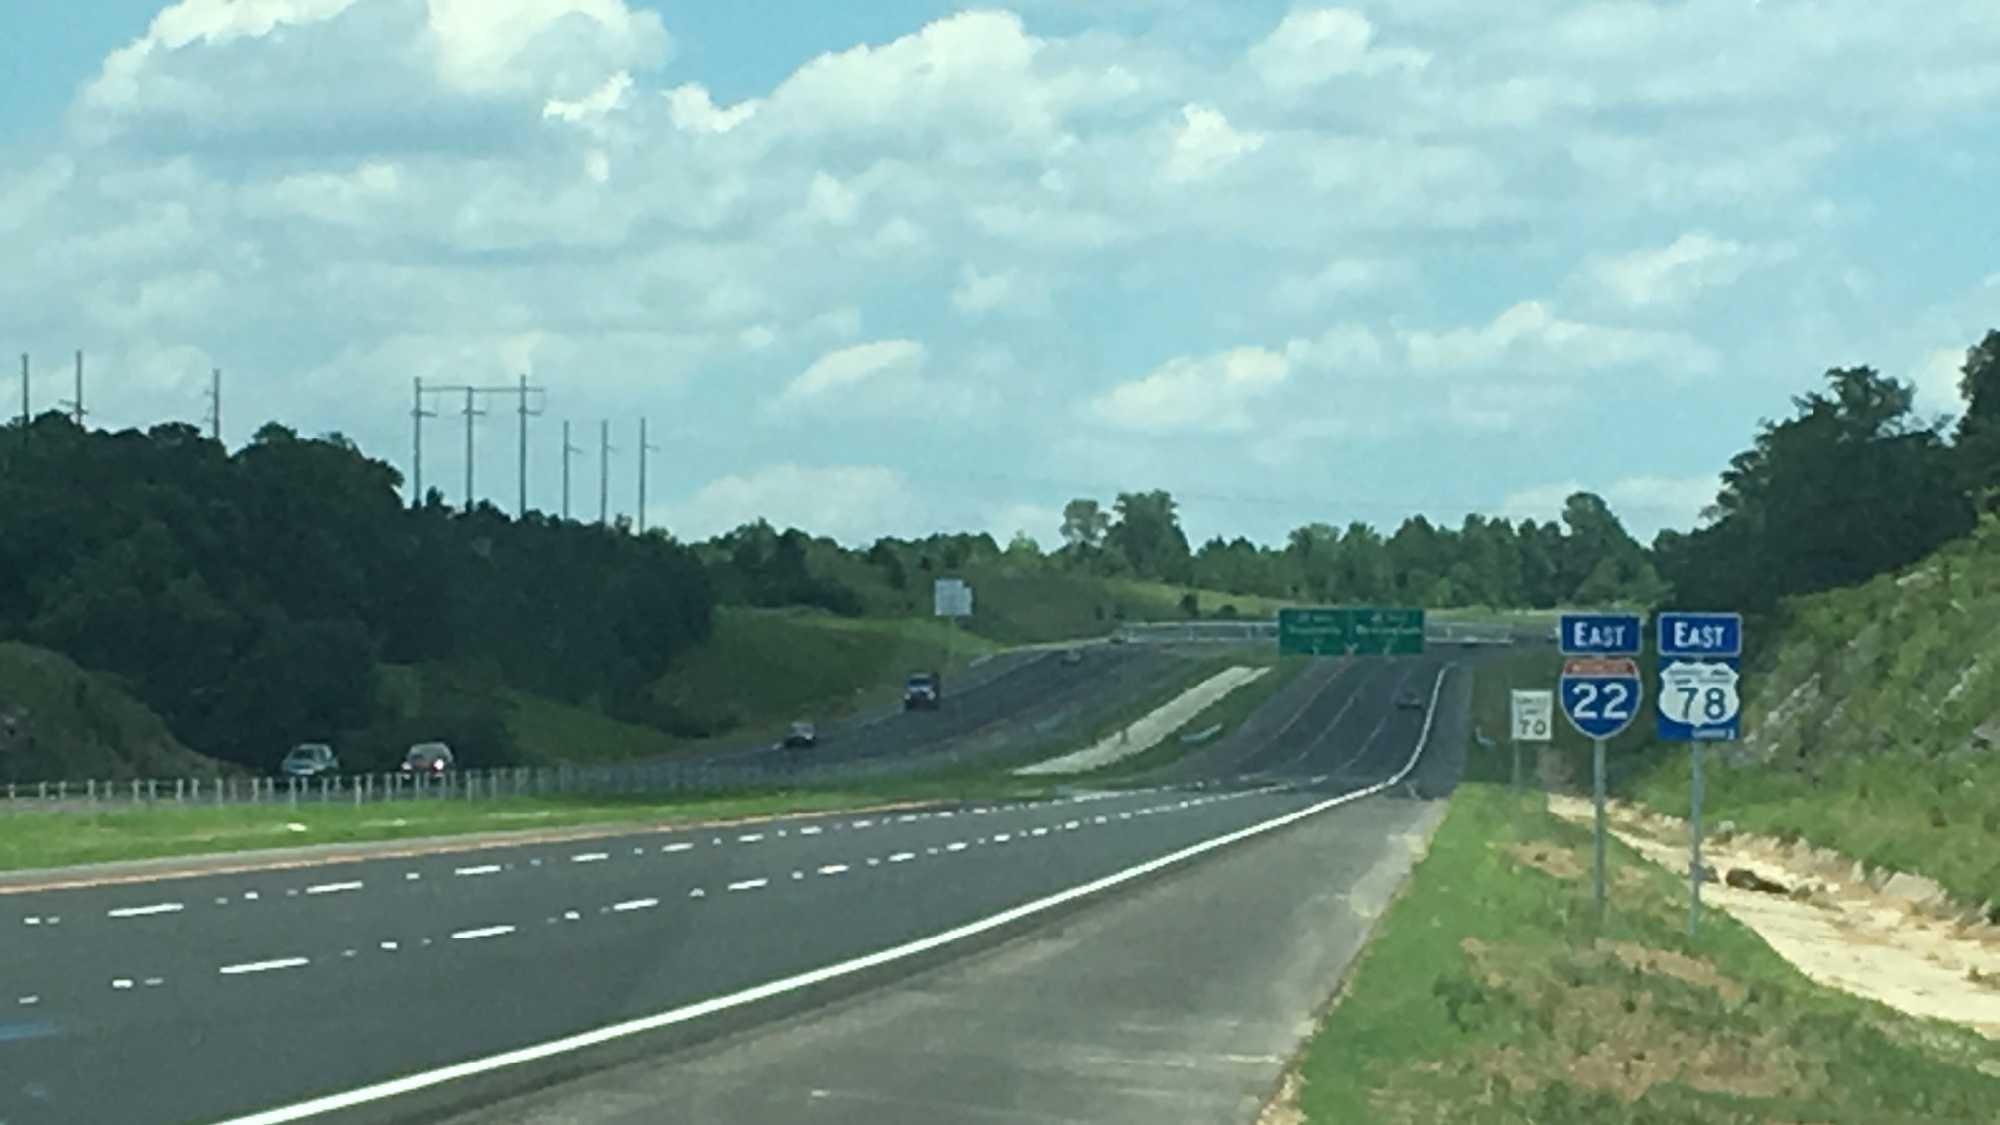 I-22.JPG